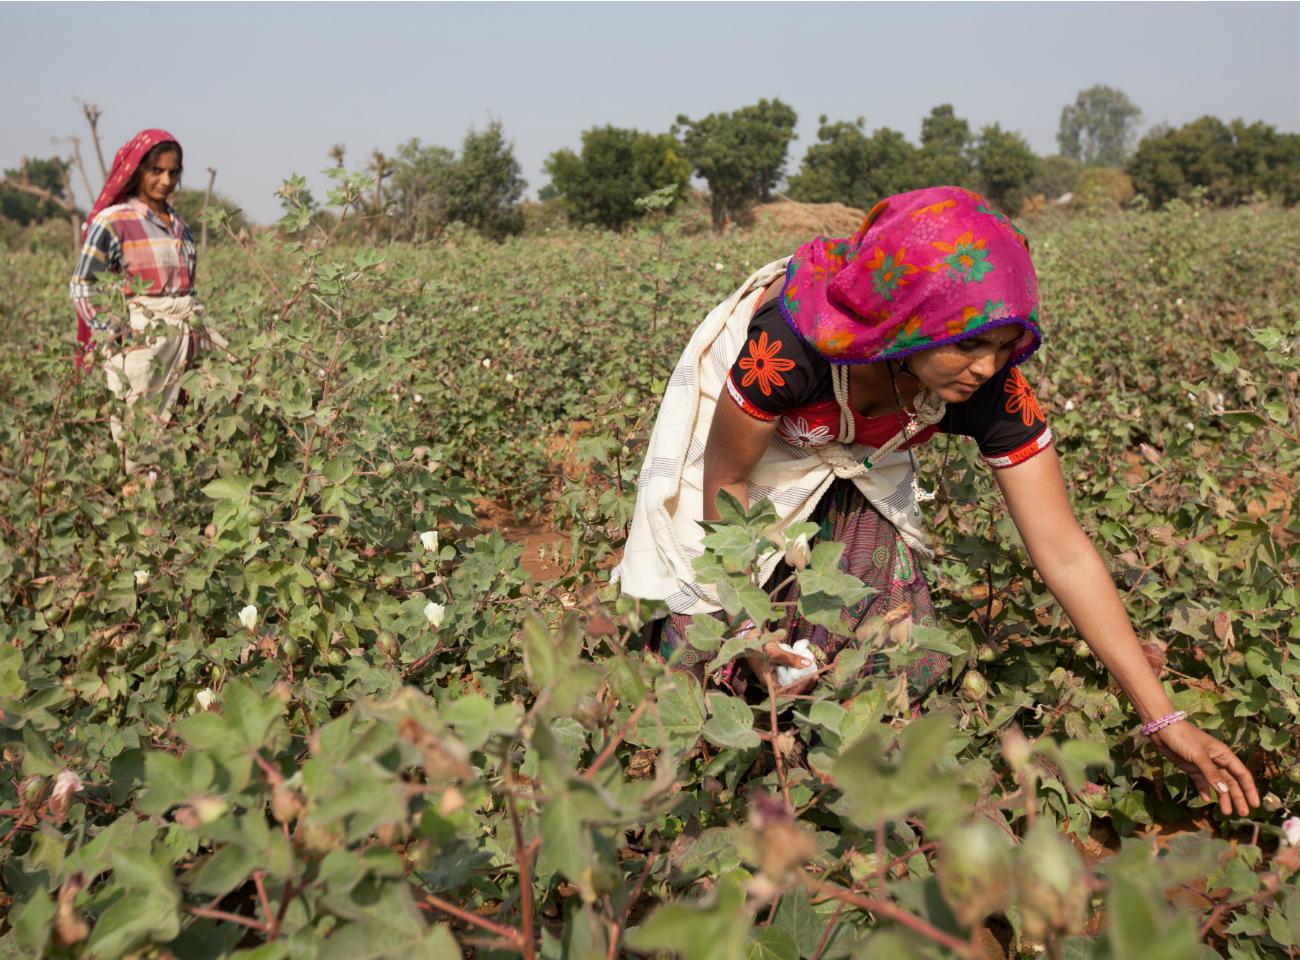 Cotton farmers working in fields in Gujarat, India